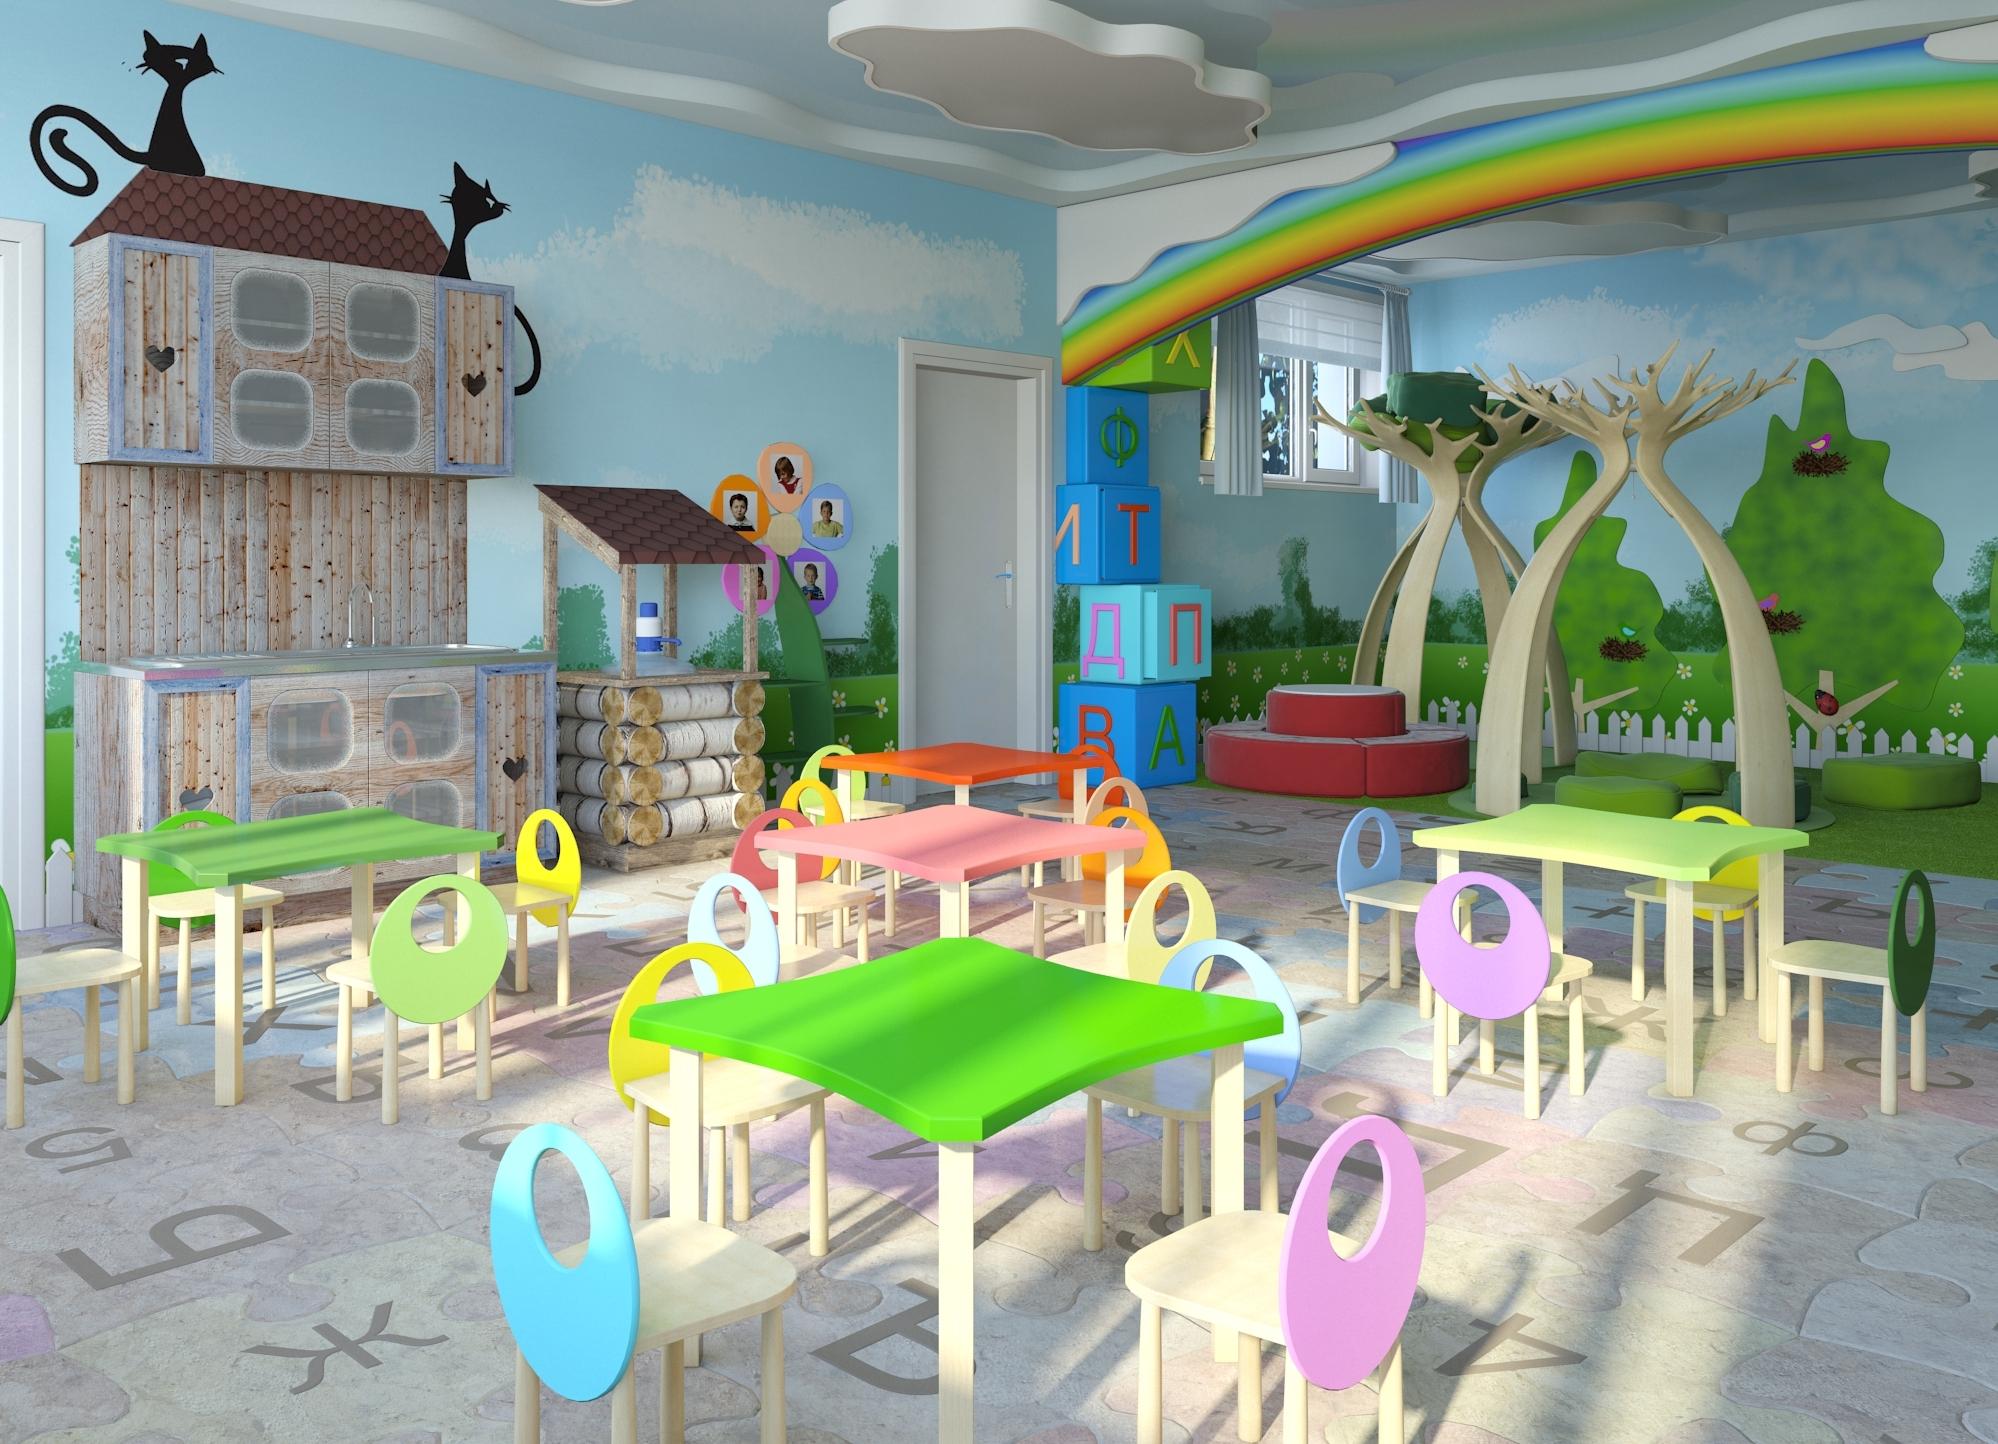 оформление группы сказка в детском саду в картинках